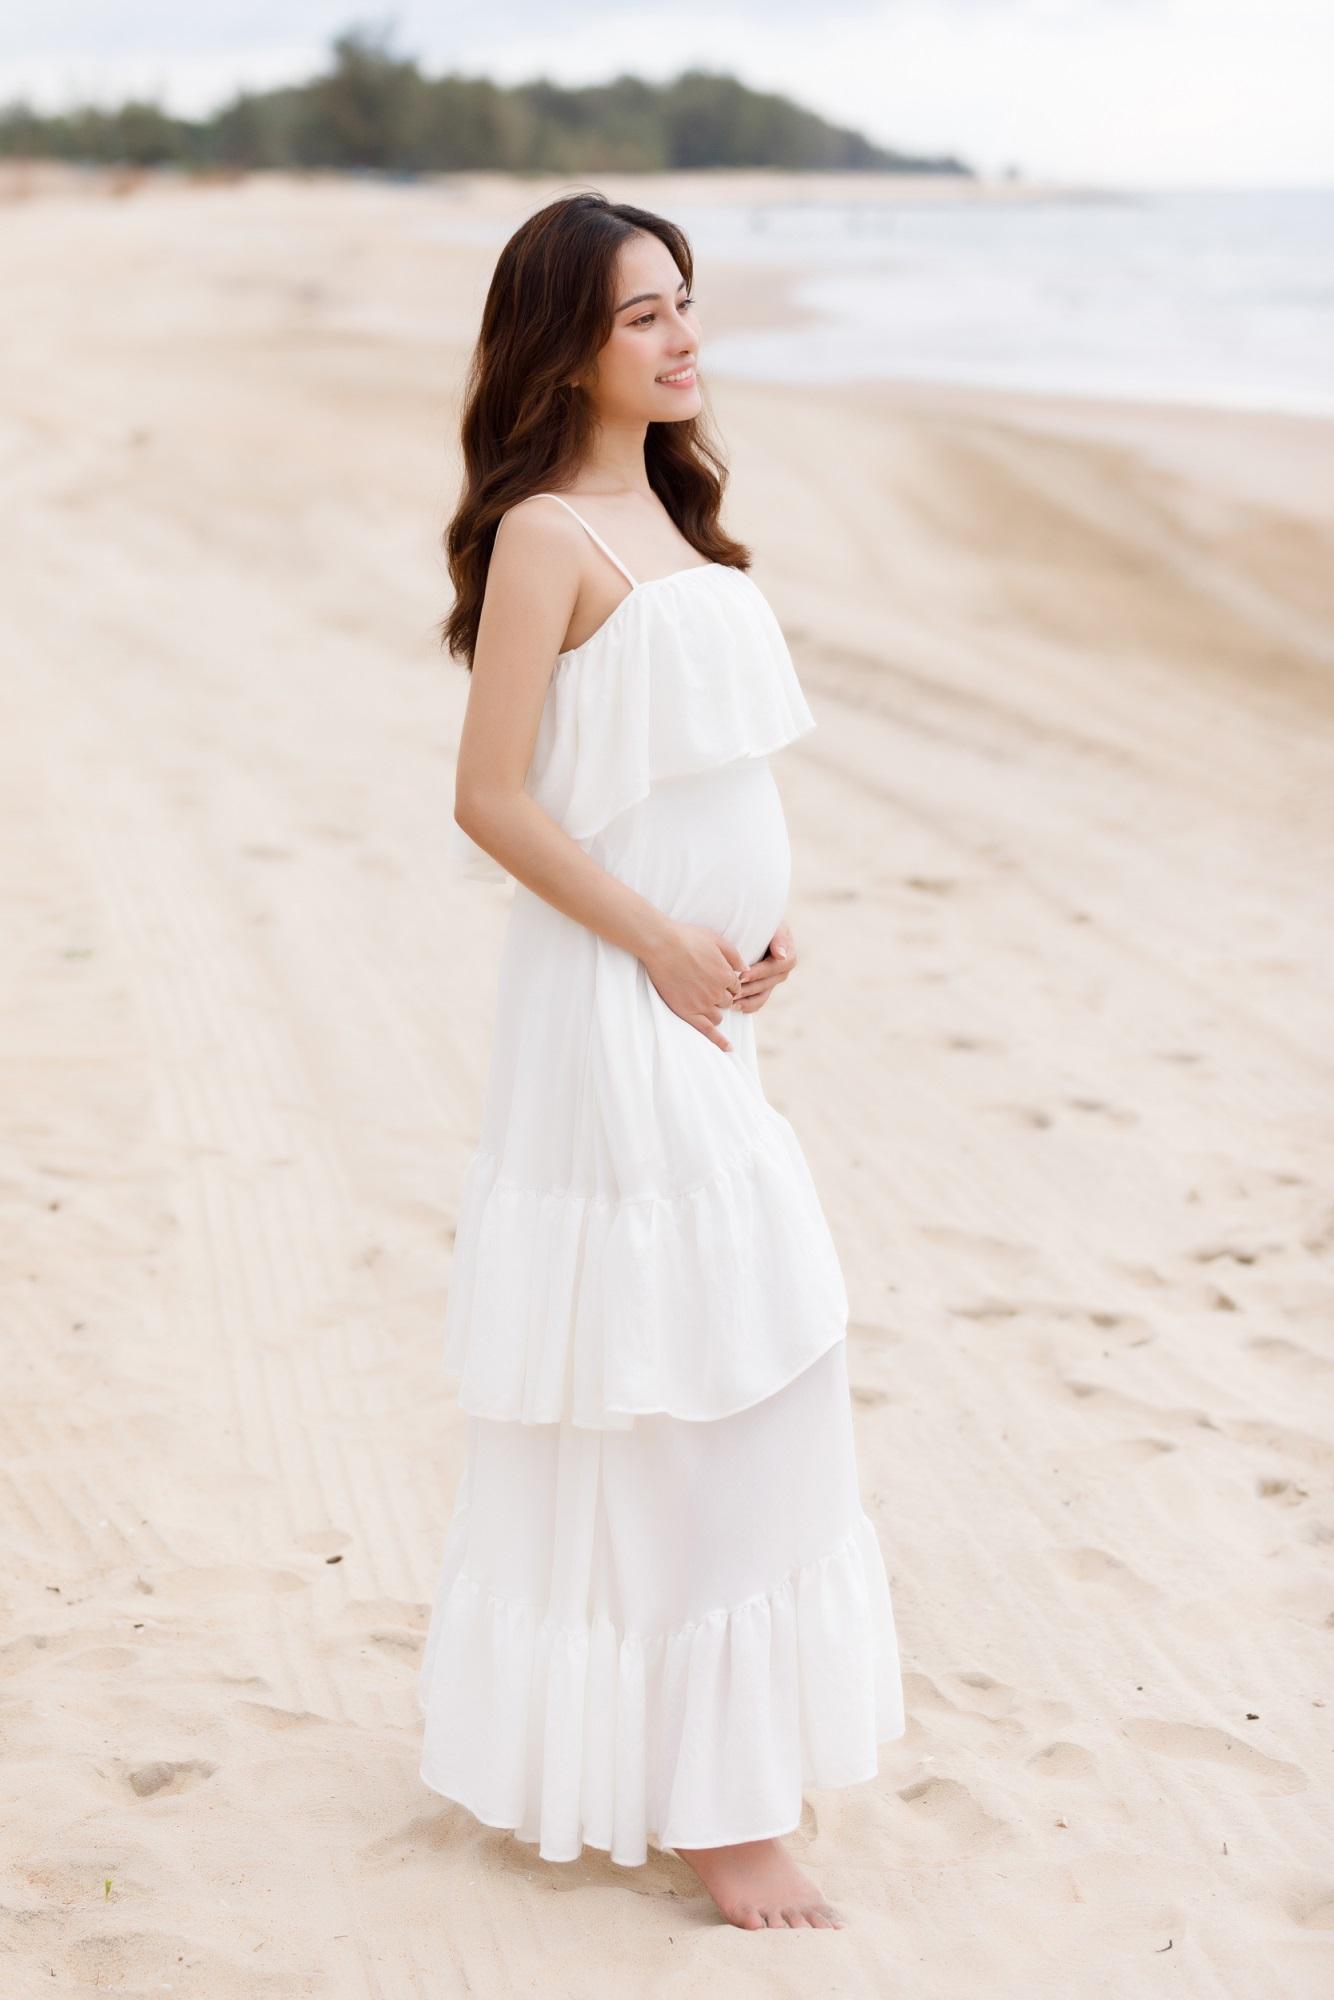 Sara Lưu khoe cận cảnh bụng bầu mang song thai, tiết lộ lý do giữ kín tin vui suốt 4 tháng - Ảnh 4